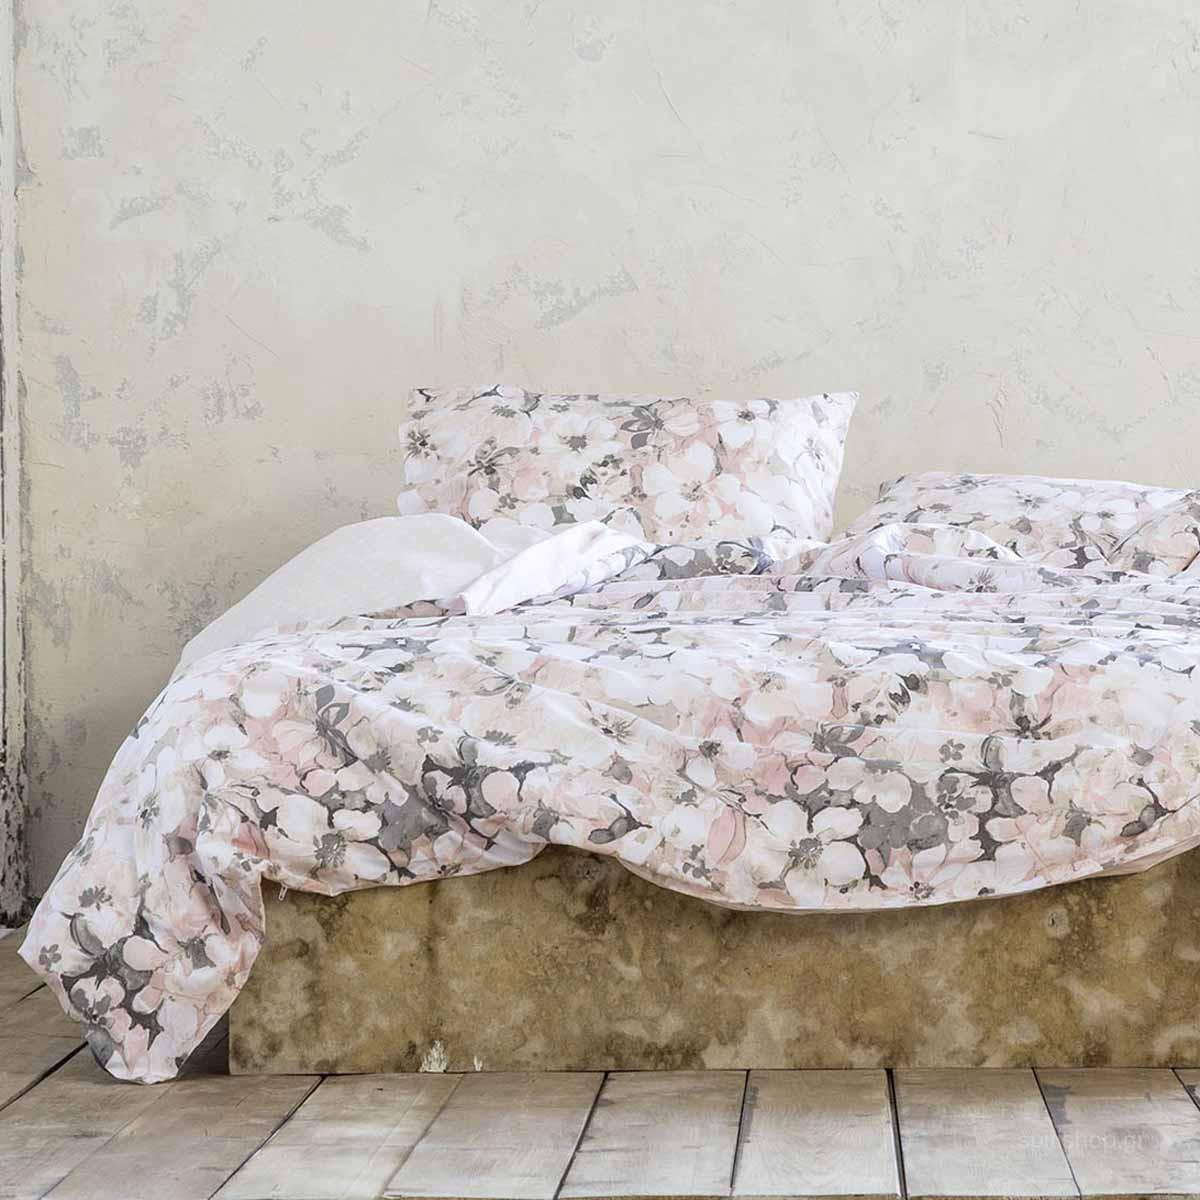 Σεντόνια Υπέρδιπλα (Σετ) Nima Bed Linen Passion Flower ΧΩΡΙΣ ΛΑΣΤΙΧΟ ΧΩΡΙΣ ΛΑΣΤΙΧΟ